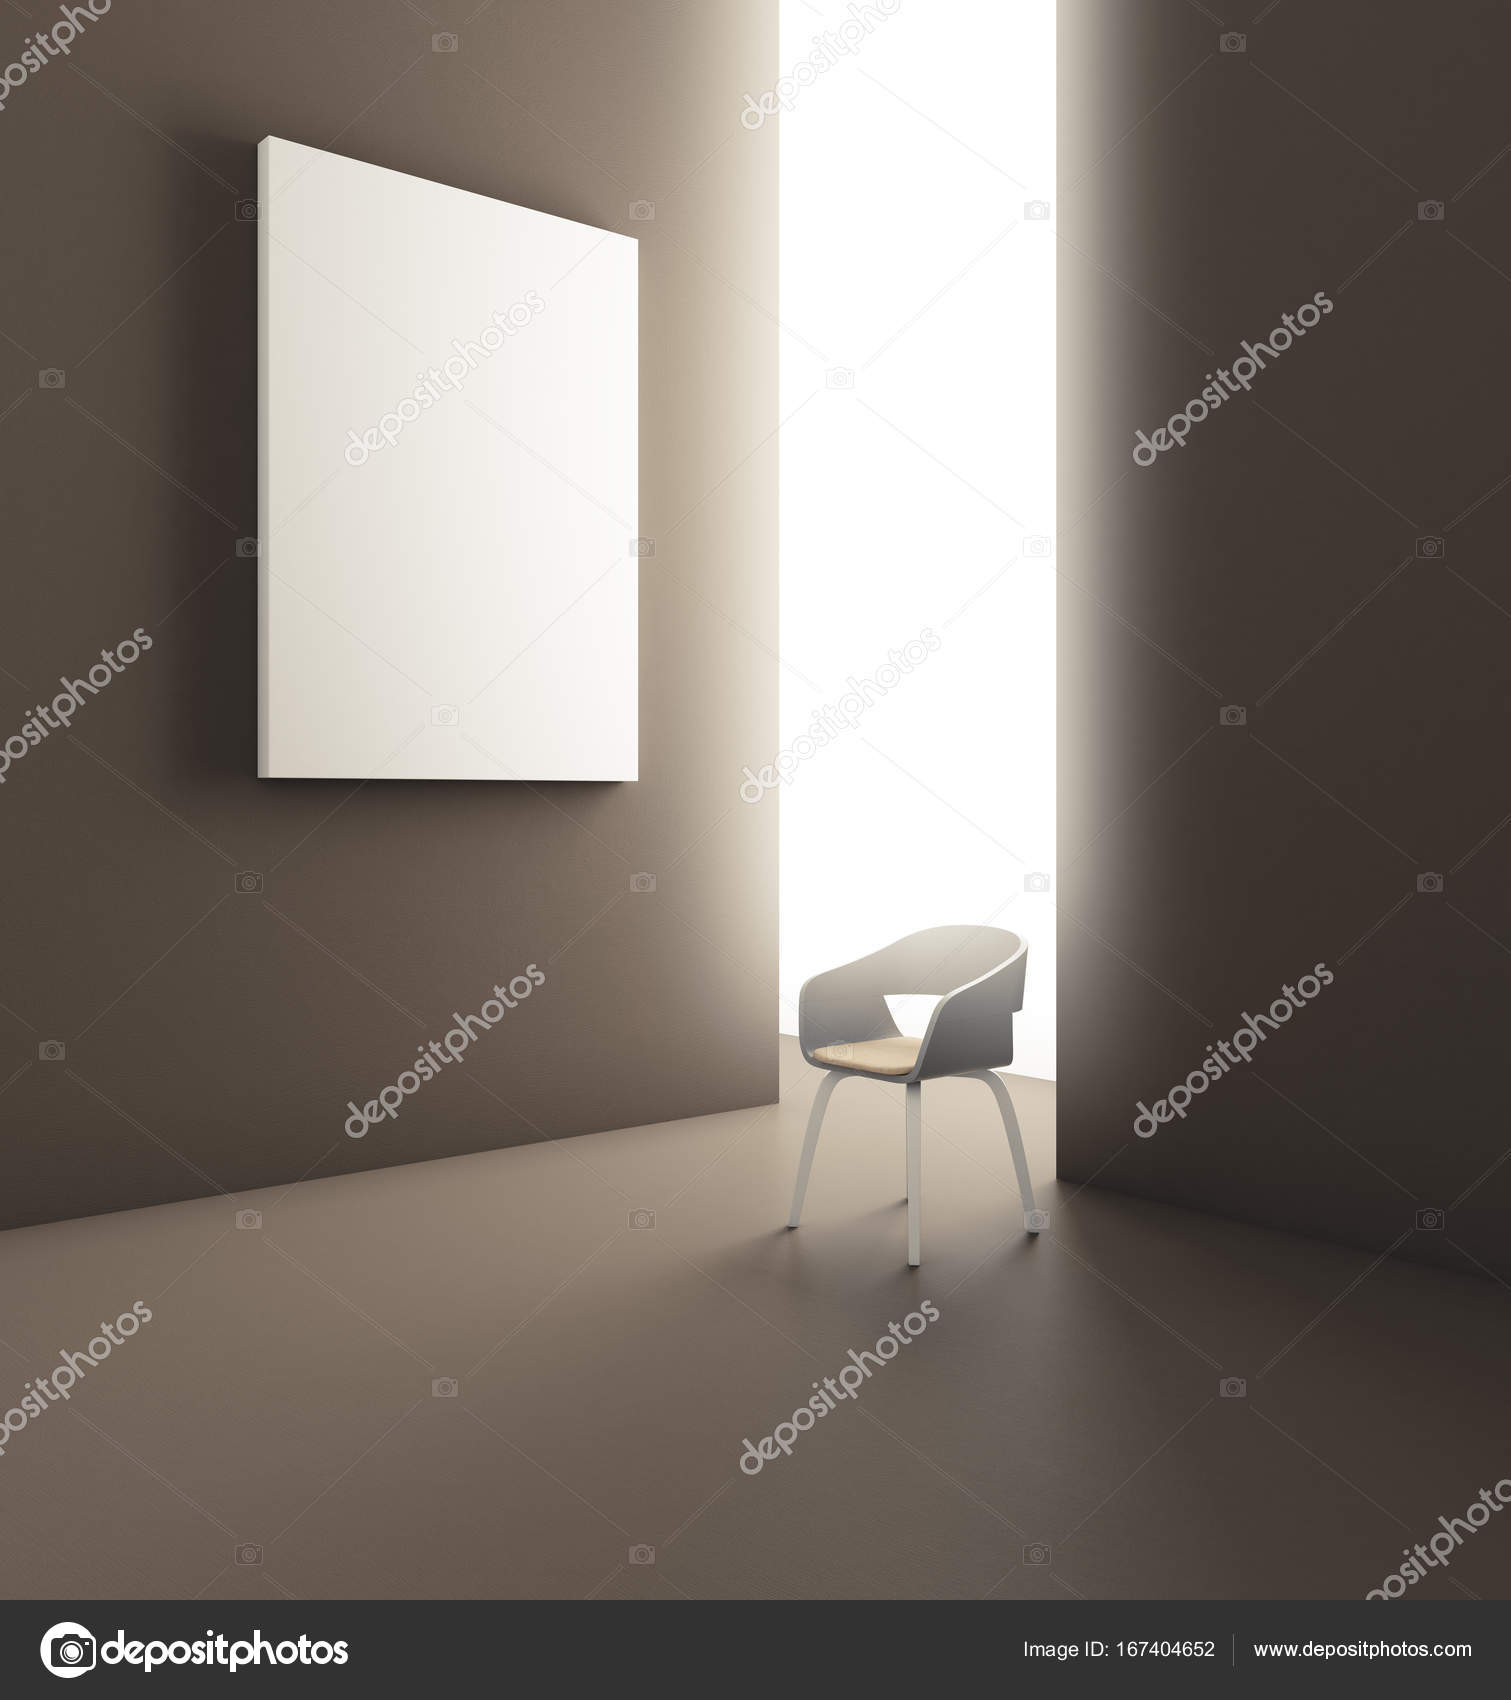 Modernes Zimmer mit Poster und Stuhl — Stockfoto © peshkova #167404652